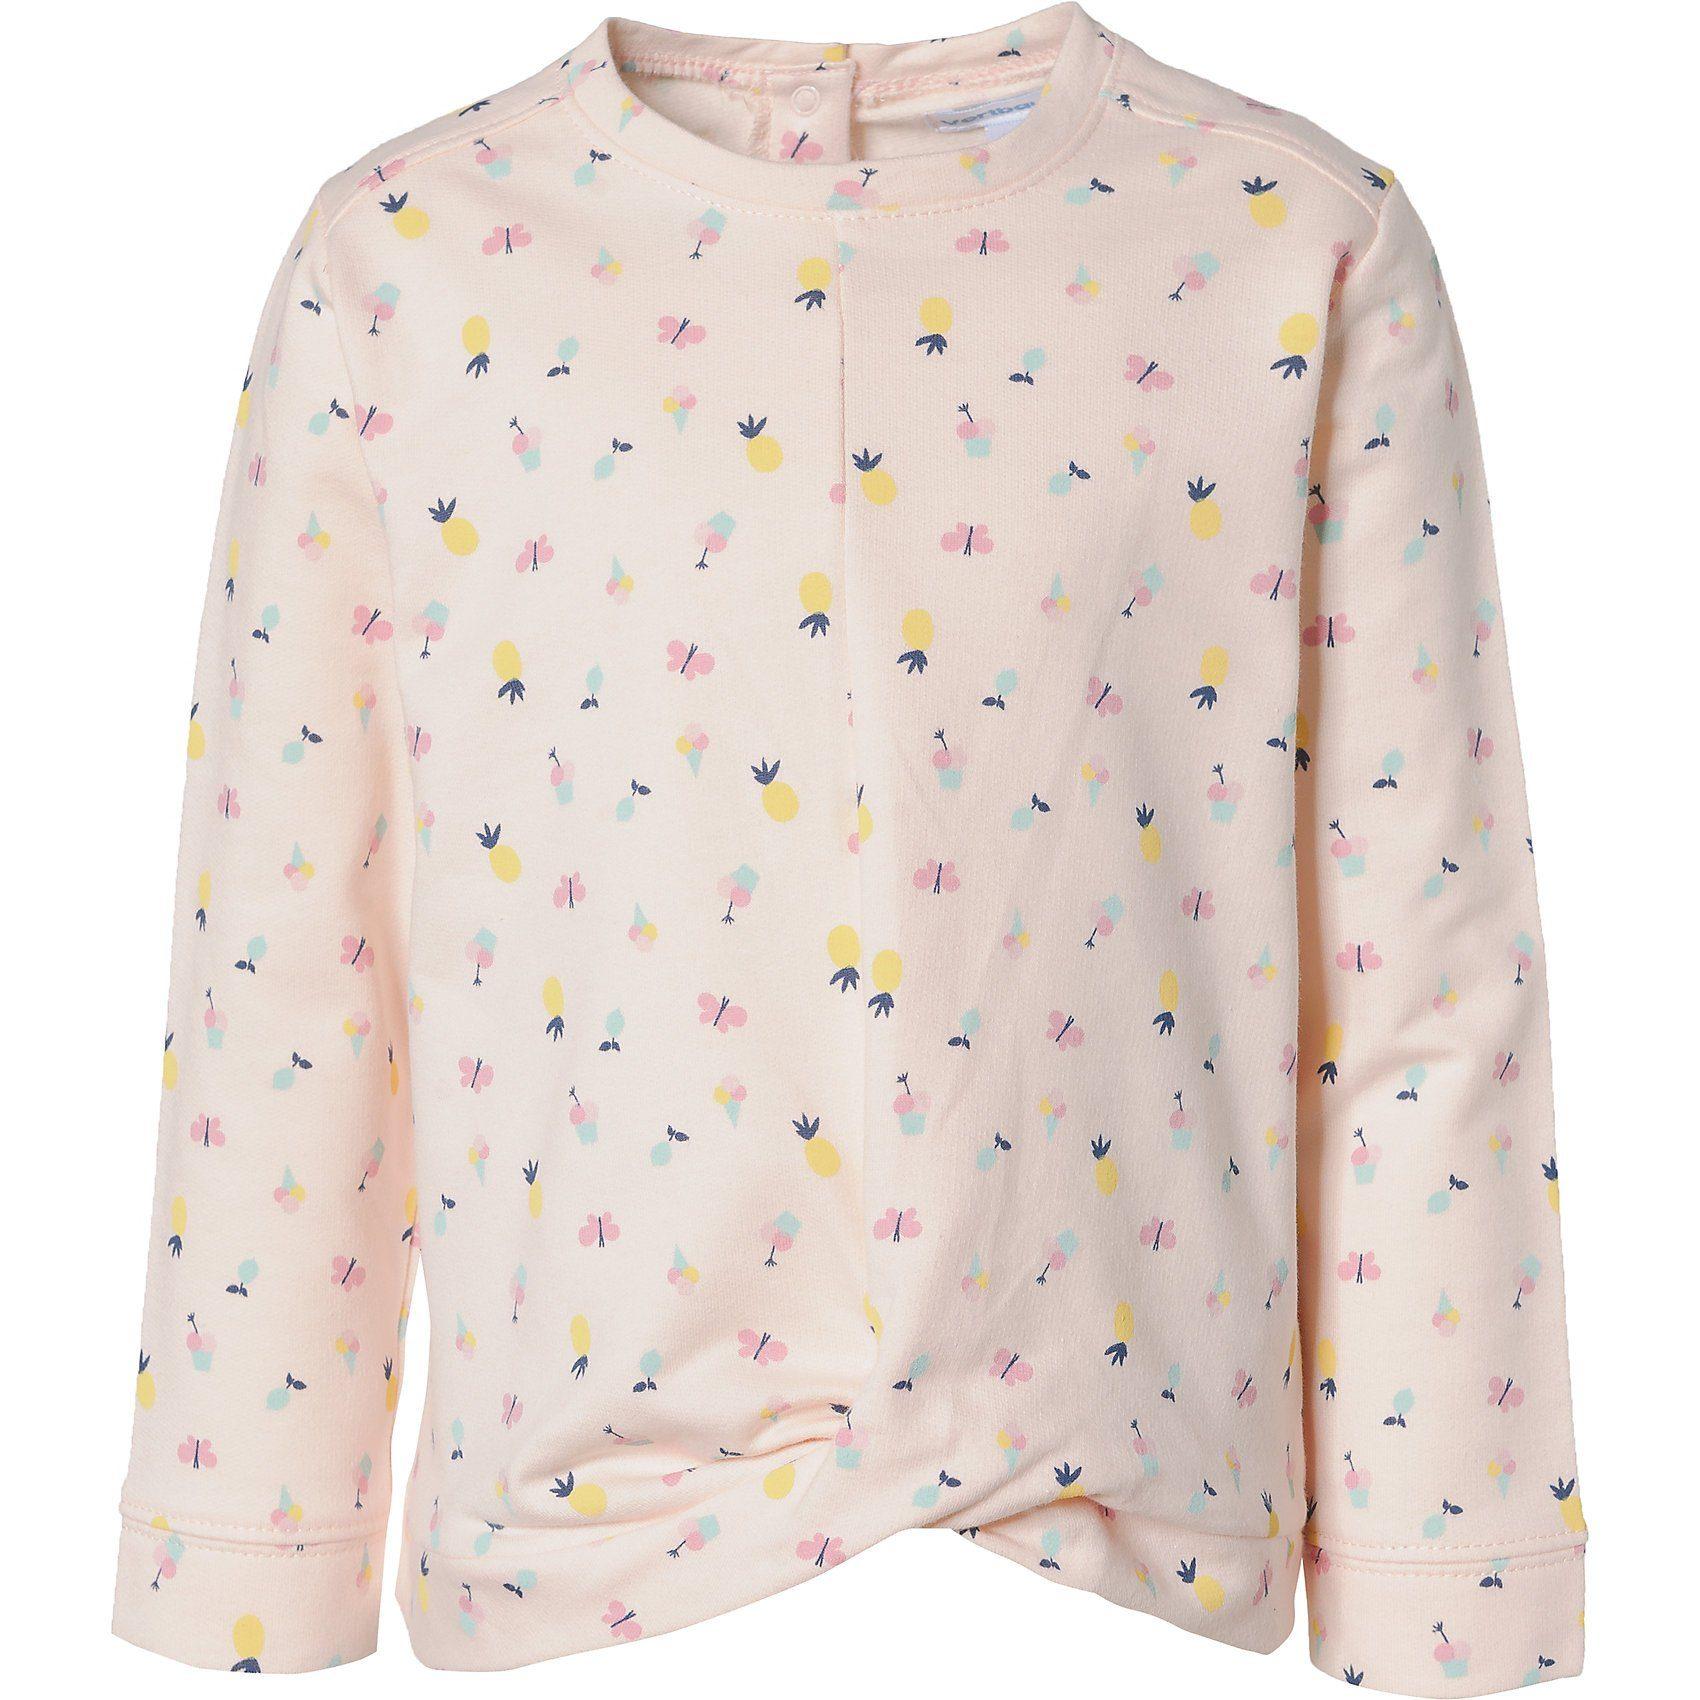 vertbaudet Sweatshirt für Mädchen, niedliches Allover Dessin online kaufen | OTTO